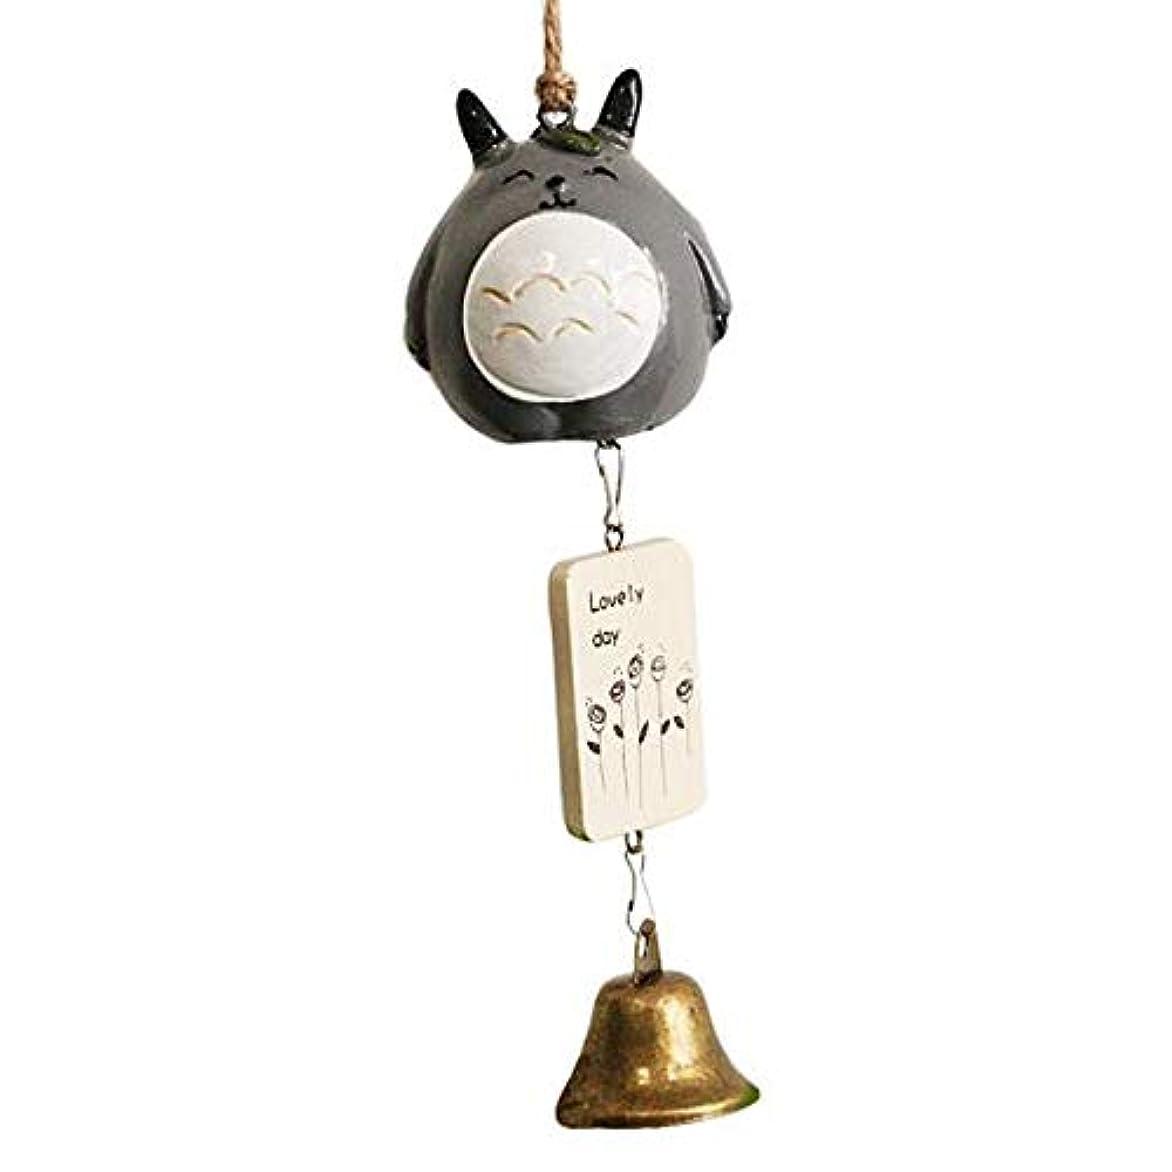 部族なんでも枢機卿Youshangshipin 風チャイム、クリエイティブ?ブラスベルホームデコレーション、ブラック、サイズは28cm,美しいギフトボックス (Color : B)